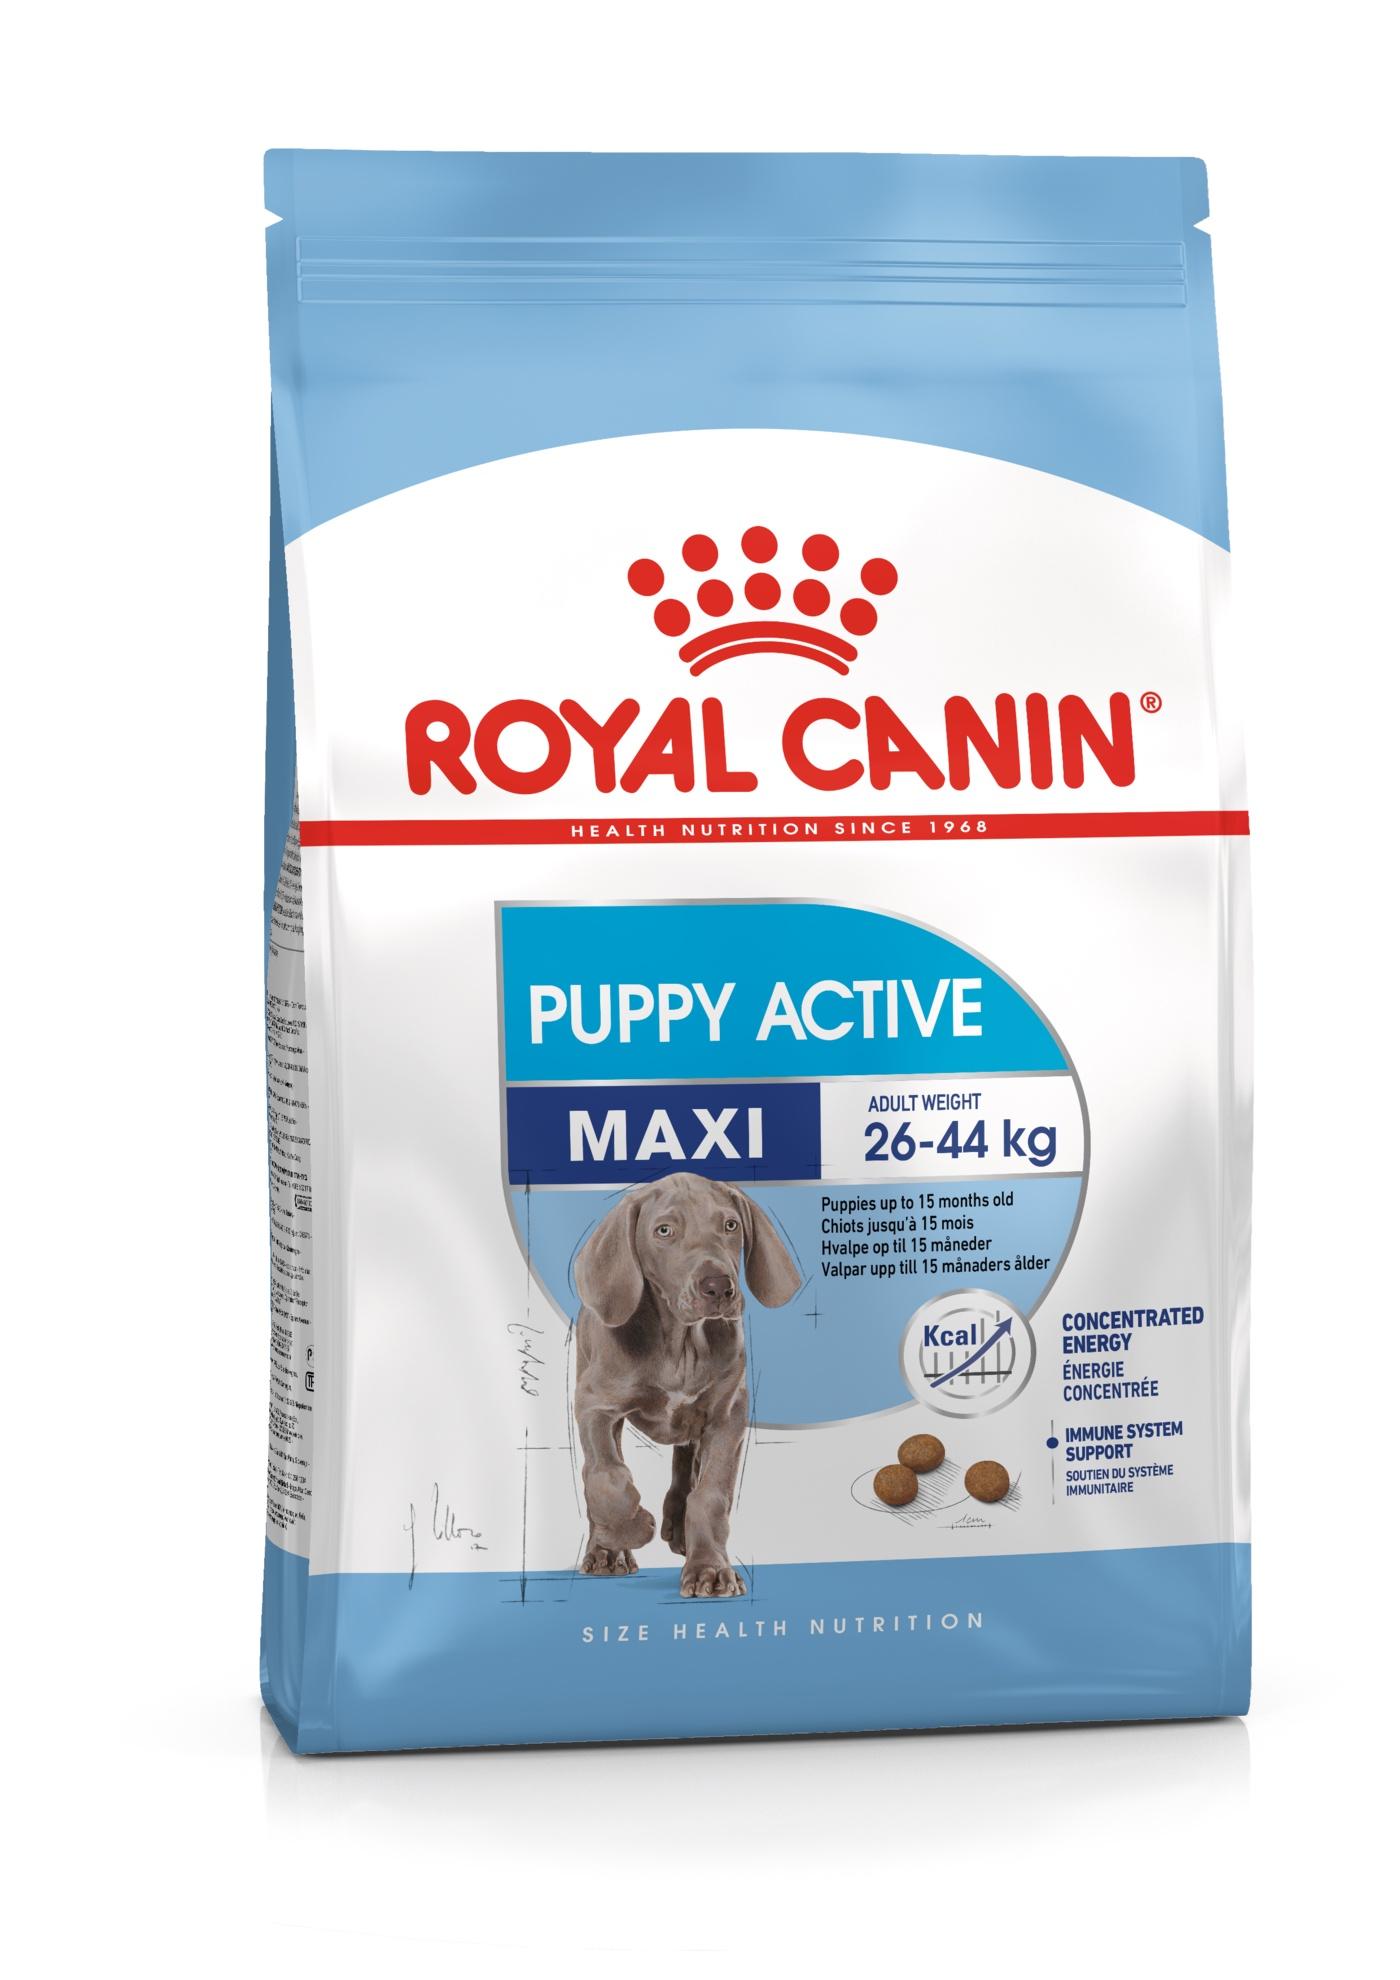 Royal Canin корм для щенков крупных пород с высокими энергетическими потребностями (15 кг) royal canin корм для щенков крупных пород 3 кг